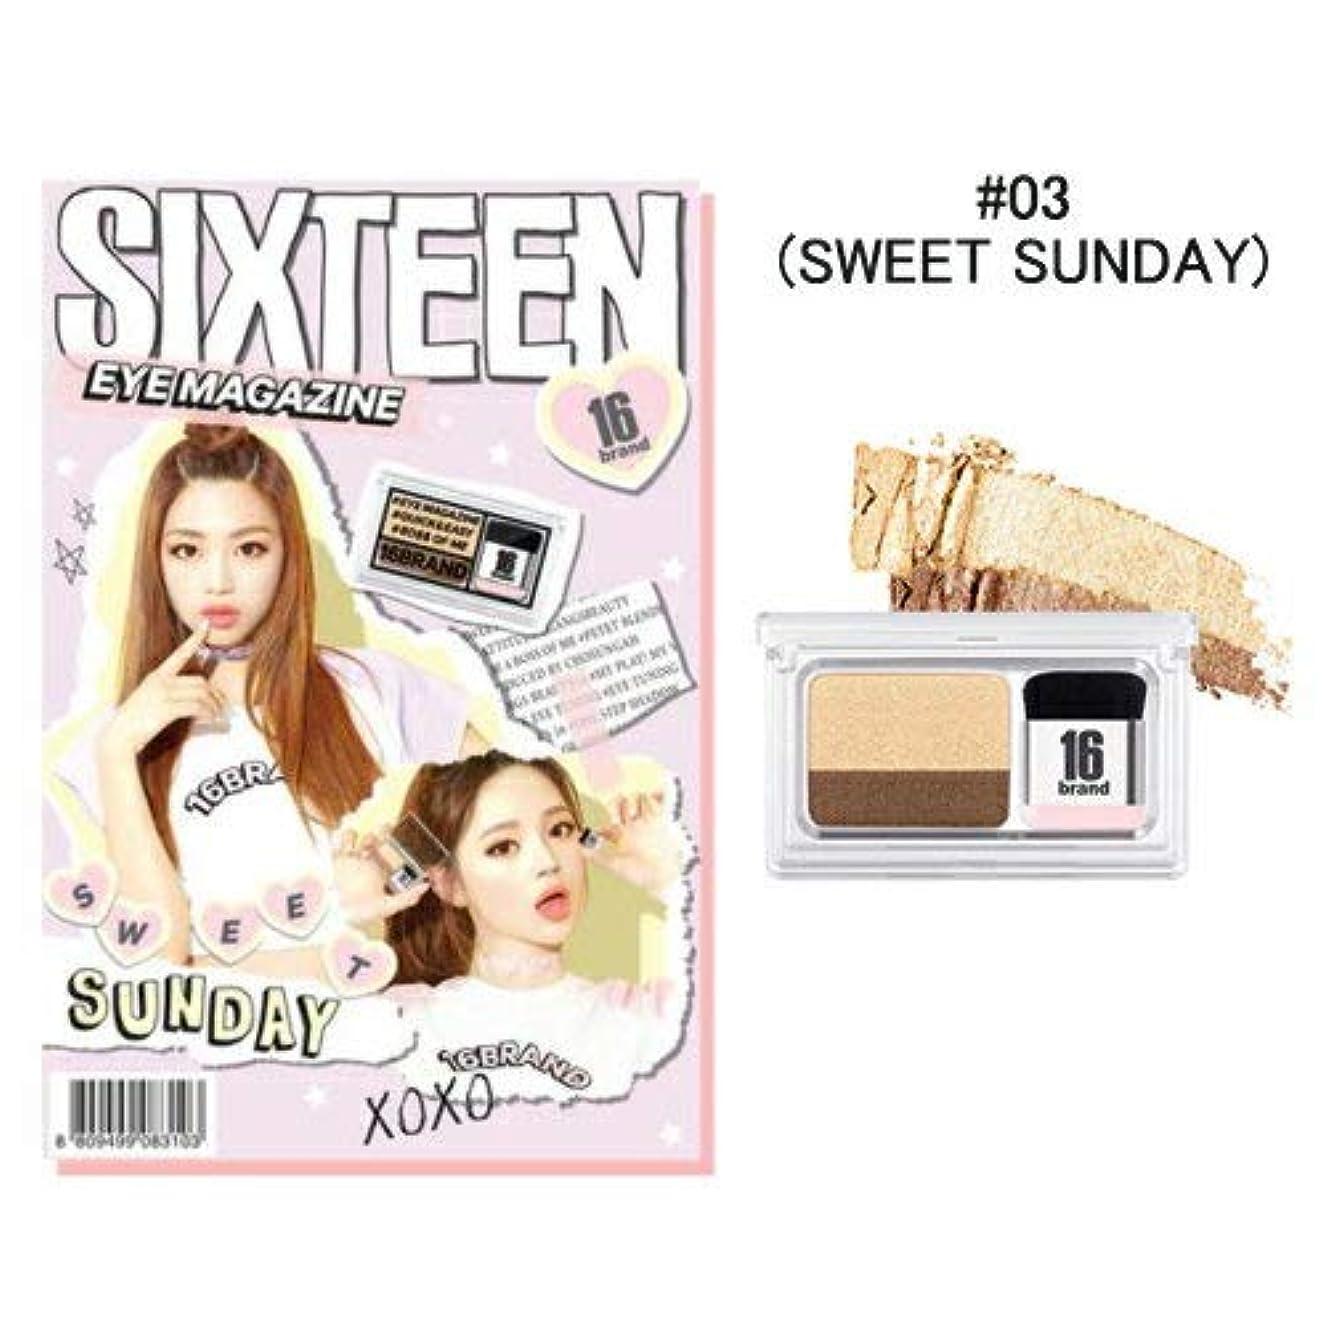 ピケアラバマカプセル[New Color] 16brand Sixteen Eye Magazine 2g /16ブランド シックスティーン アイ マガジン 2g (#03 SWEET SUNDAY) [並行輸入品]